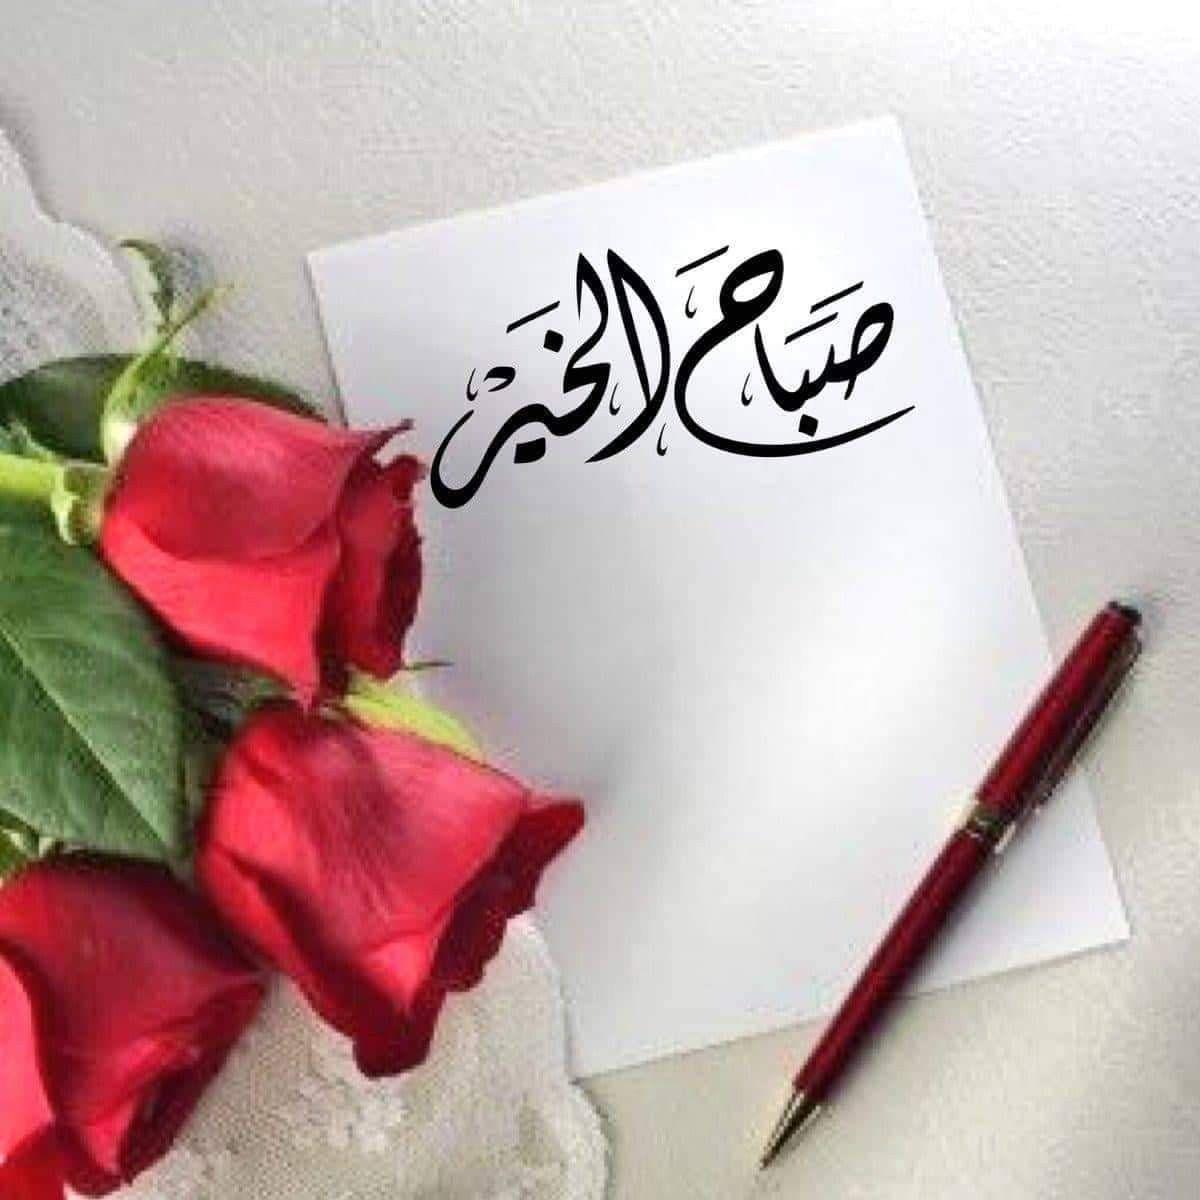 حين تزرع السعادة في قلب إنسان سيأتي من يزرعها في قلبك فالدنيا كما تقدم لها تقدم لك Good Morning Flowers Good Morning Arabic Good Morning Photos